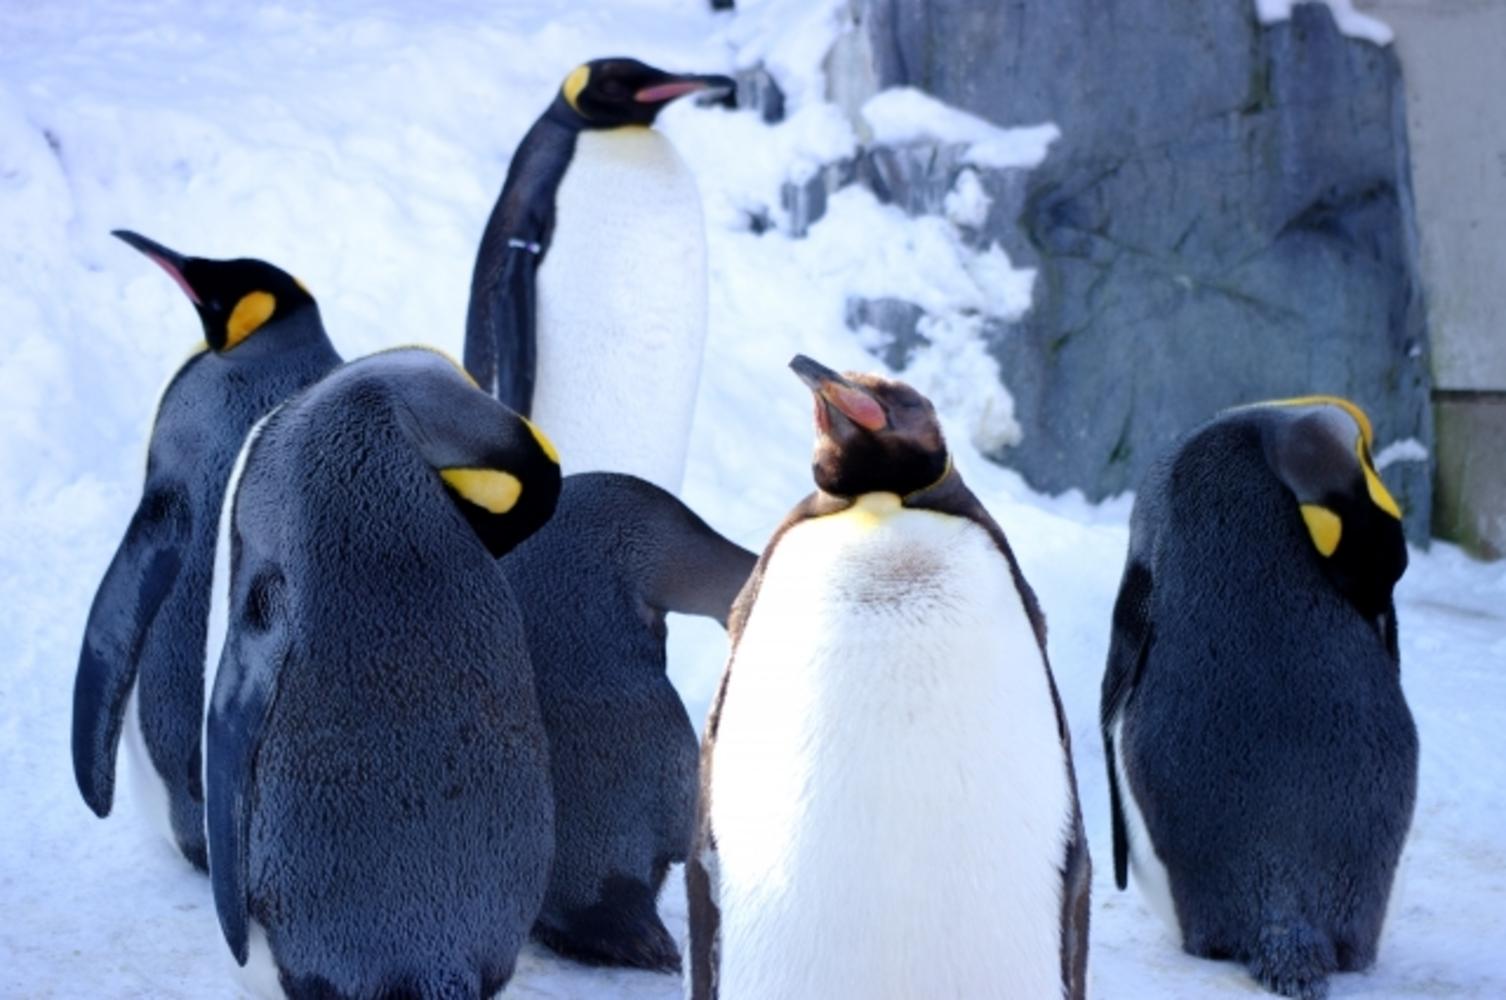 Asahiyamazoo penguins